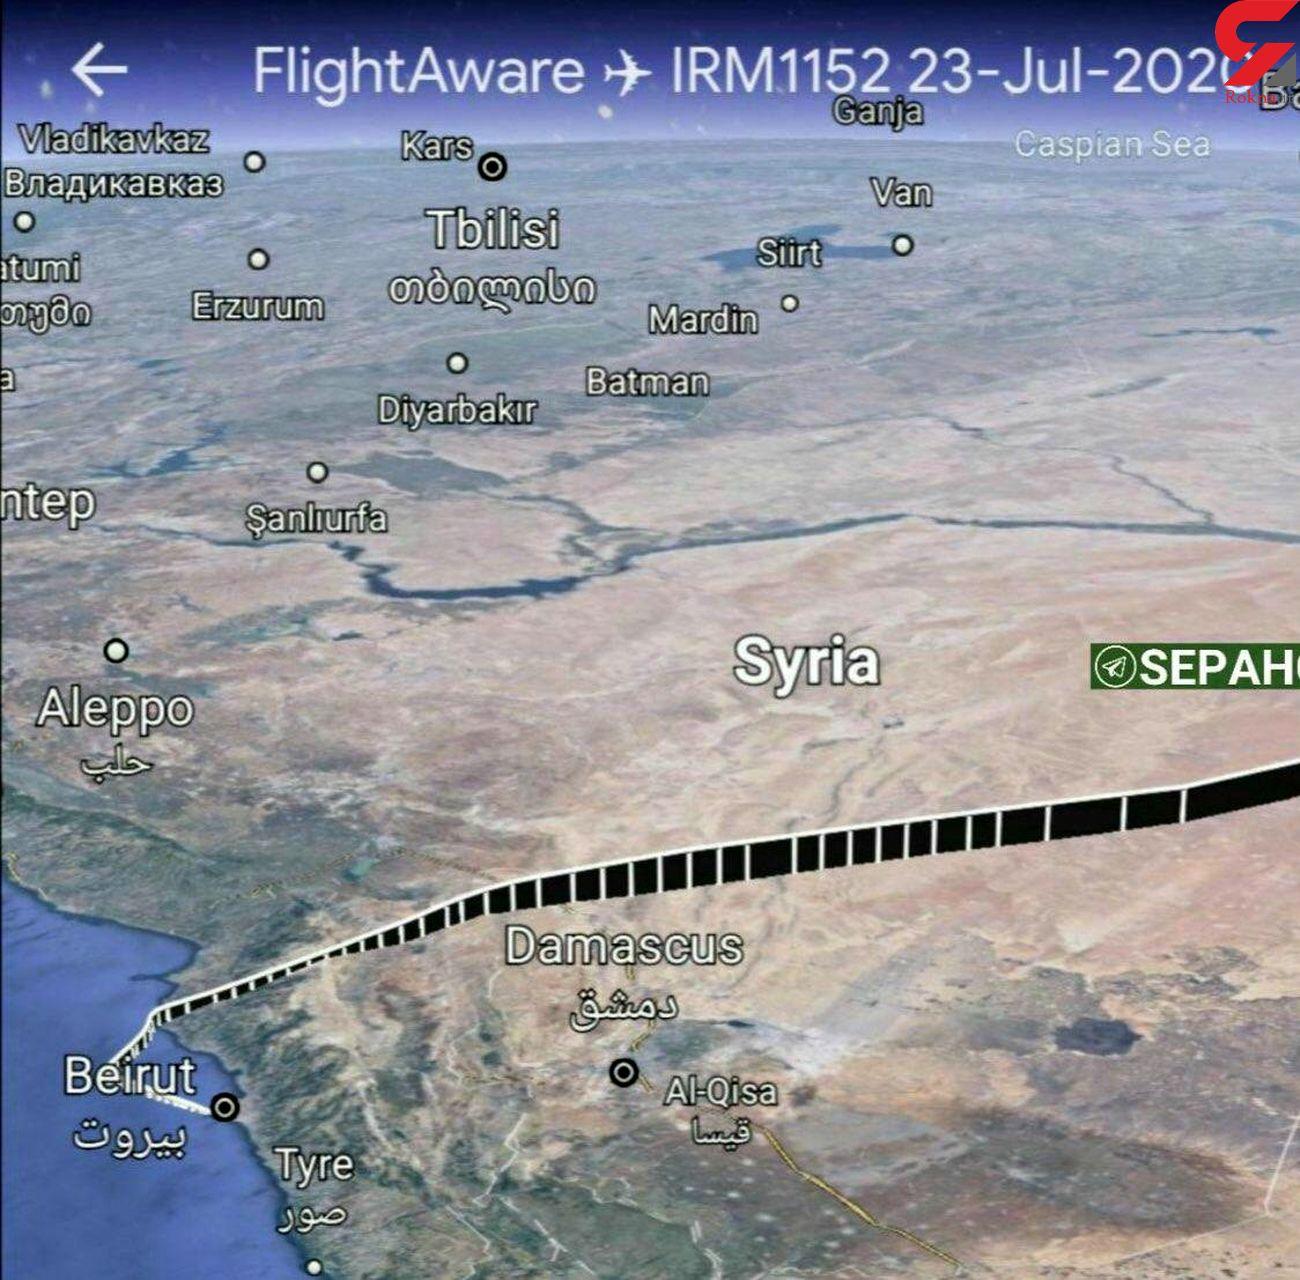 اولین واکنش آمریکا به مزاحمت جنگنده اف ۱۵ به هواپیمای مسافری ایران